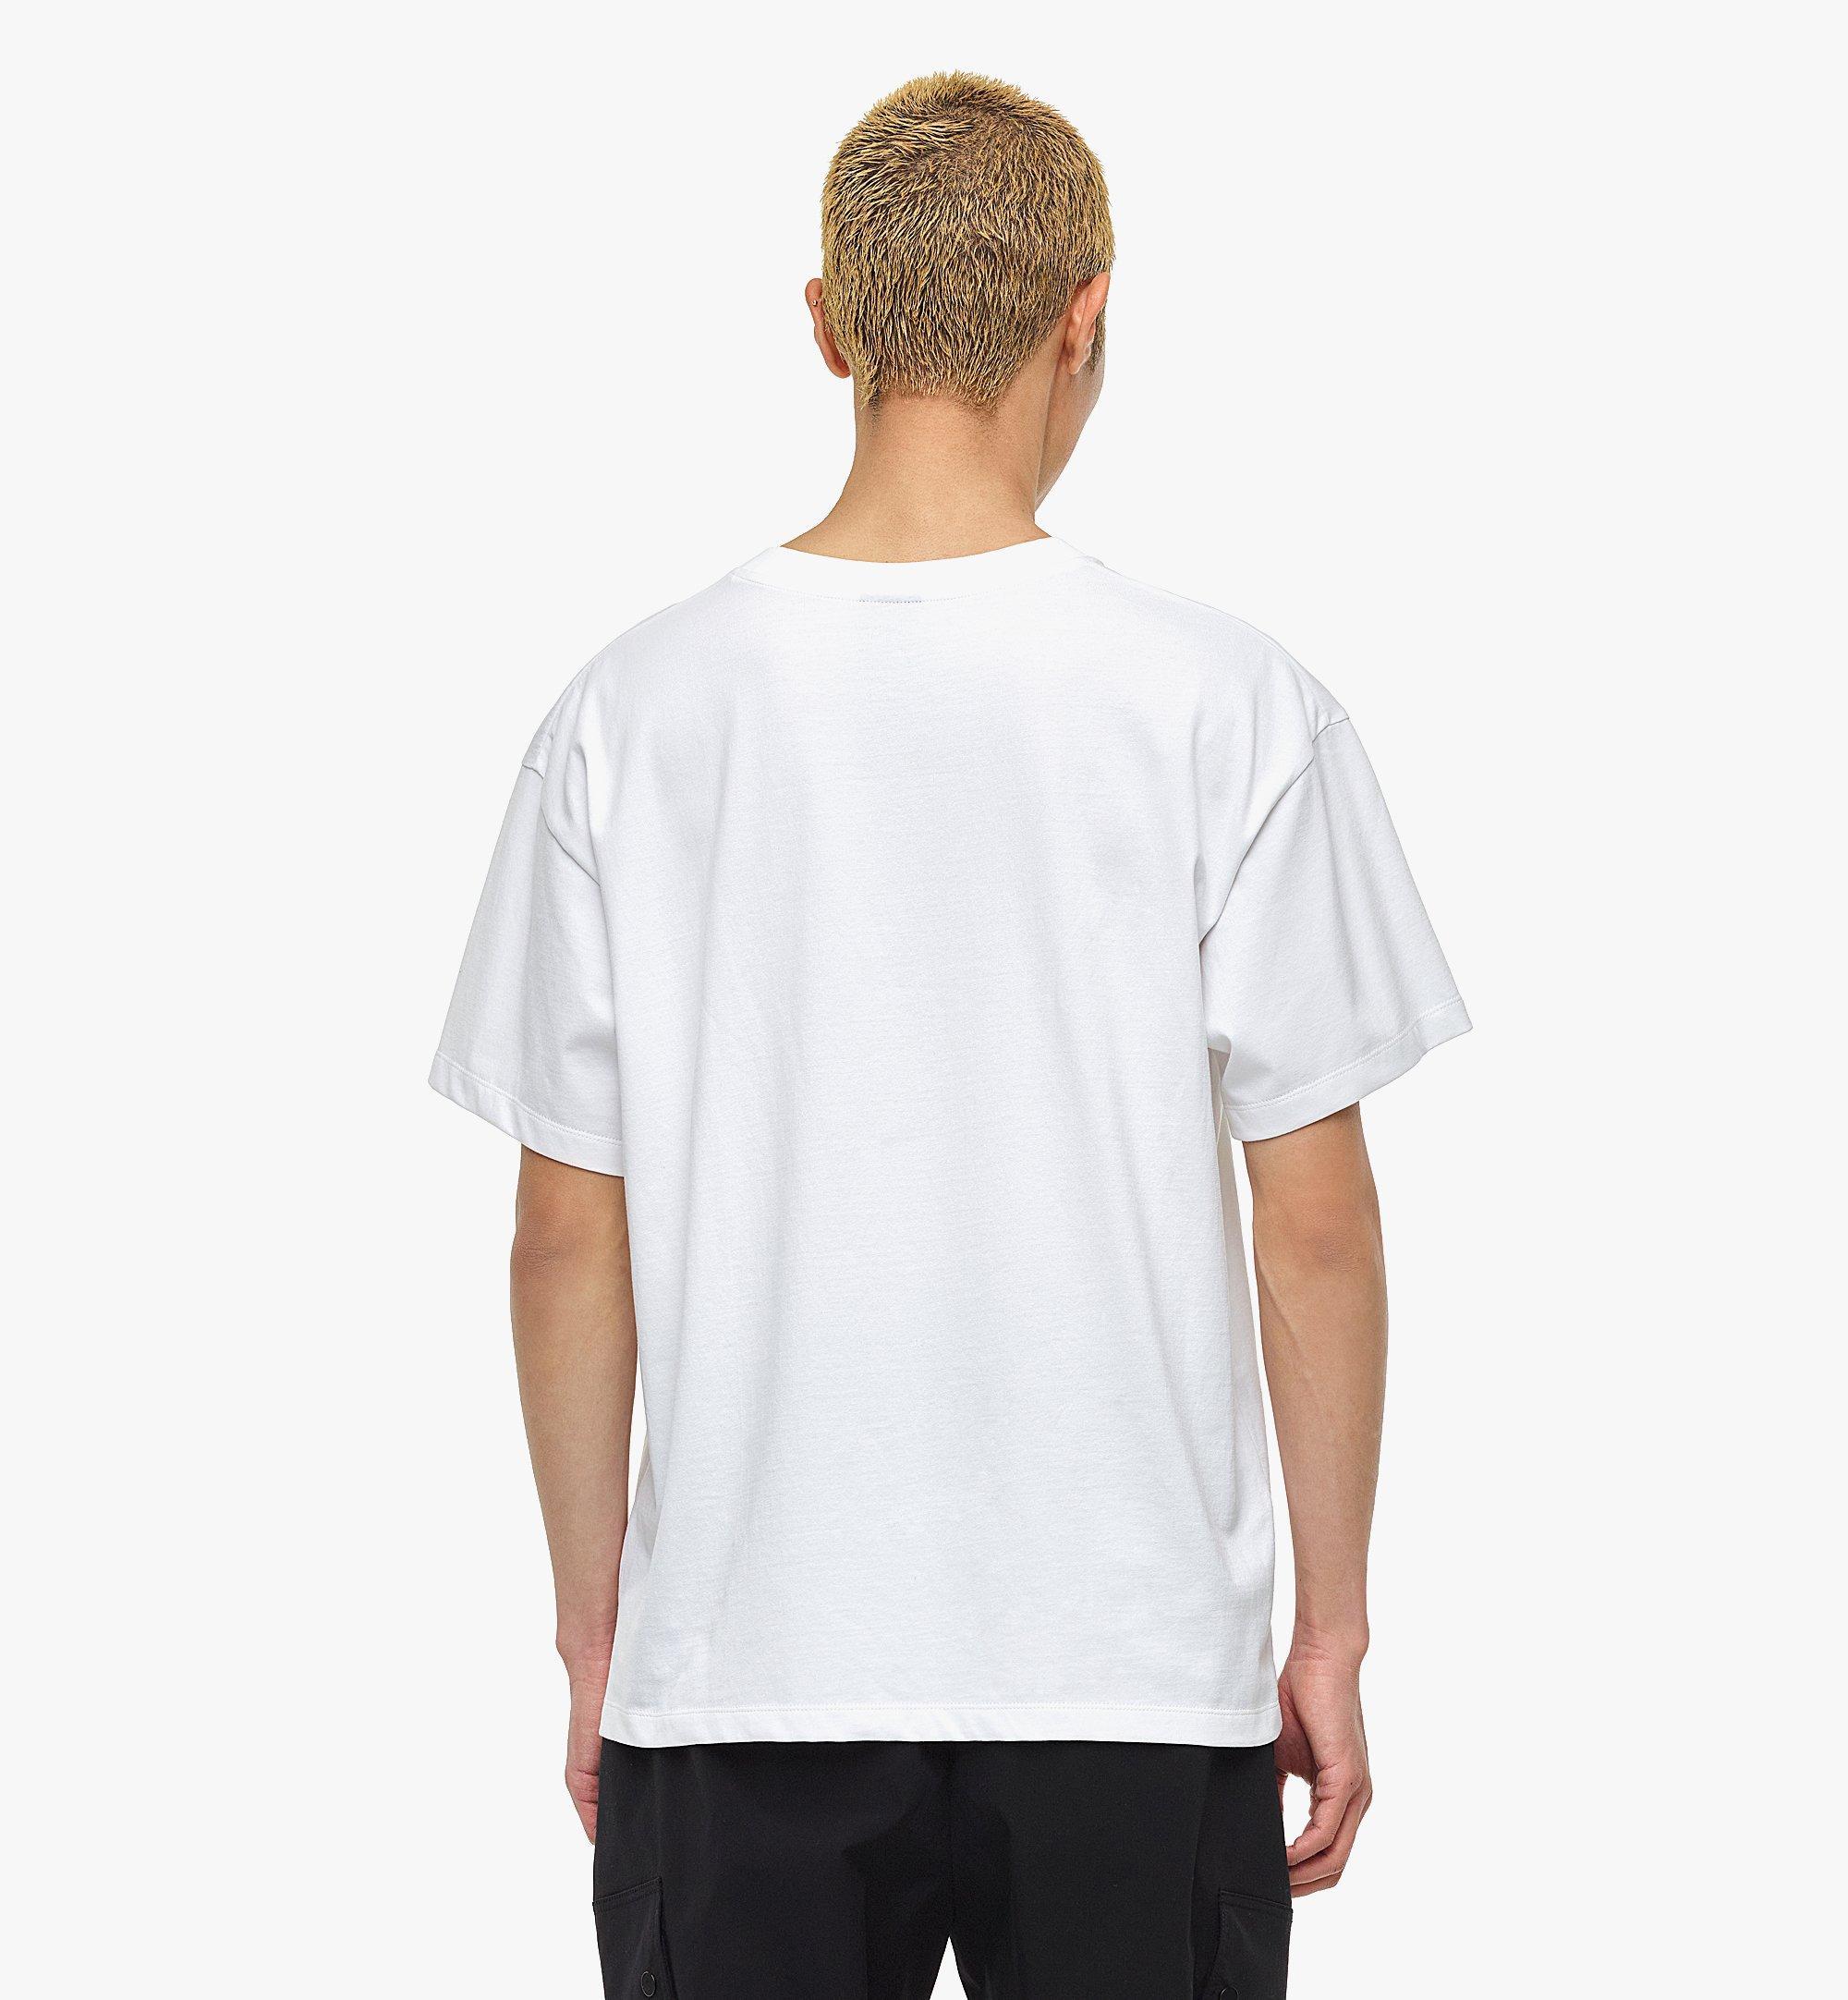 MCM MCM x SAMBYPEN T-Shirt mit gedrucktem Logo White MHTBASP02WD00M Noch mehr sehen 4